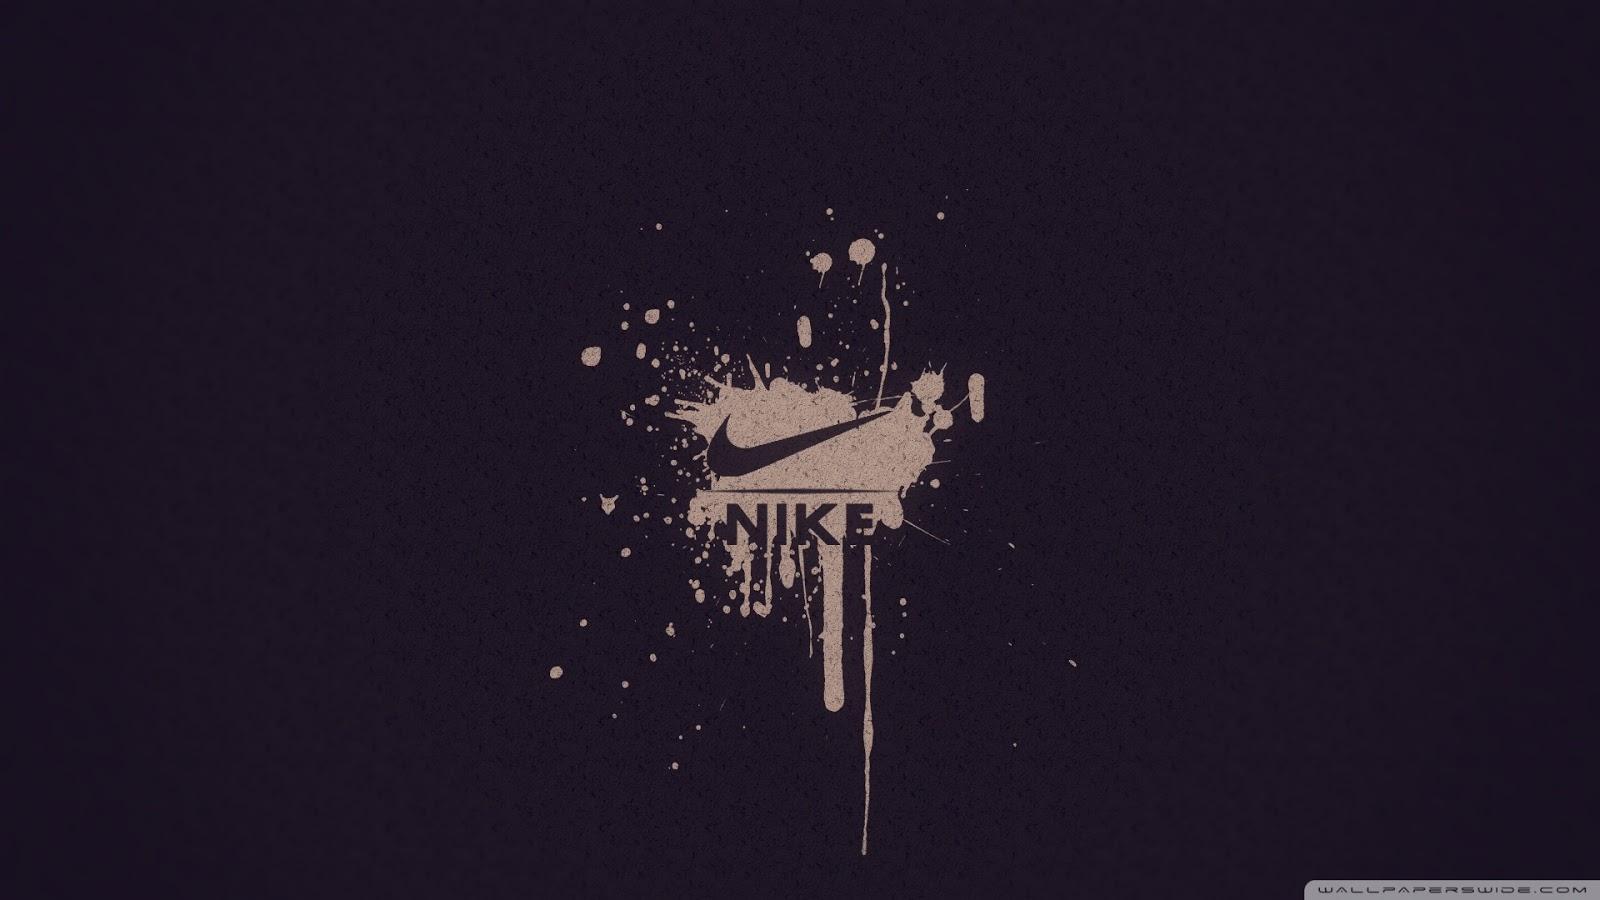 http://4.bp.blogspot.com/-WHoD2OueinU/UIOZEDjsRYI/AAAAAAAAAN8/2pXL2QOkgKs/s1600/nike_wallpaper-wallpaper-1920x1080.jpg